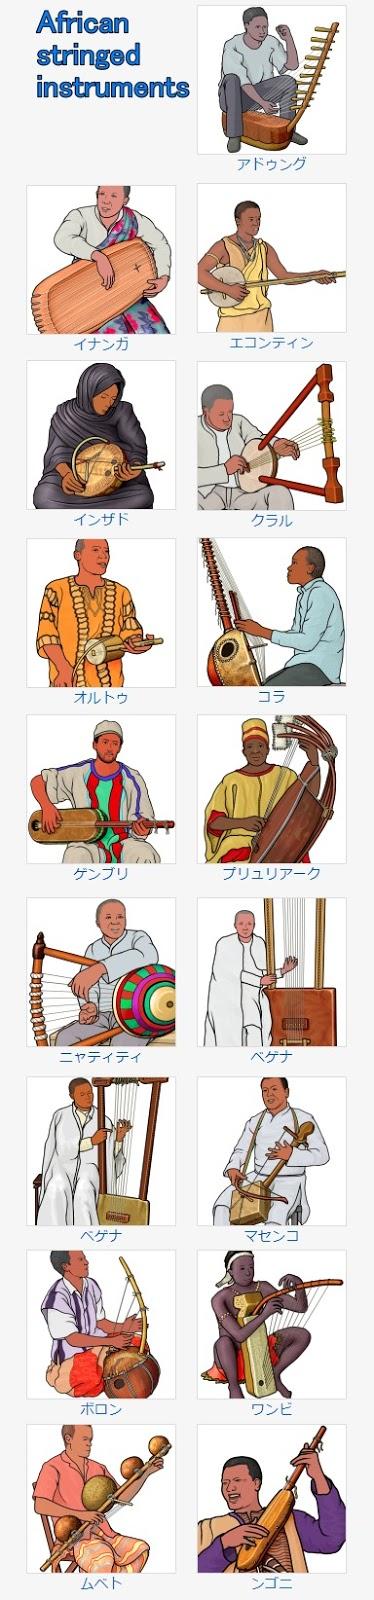 アフリカの弦楽器 African stringed Instruments